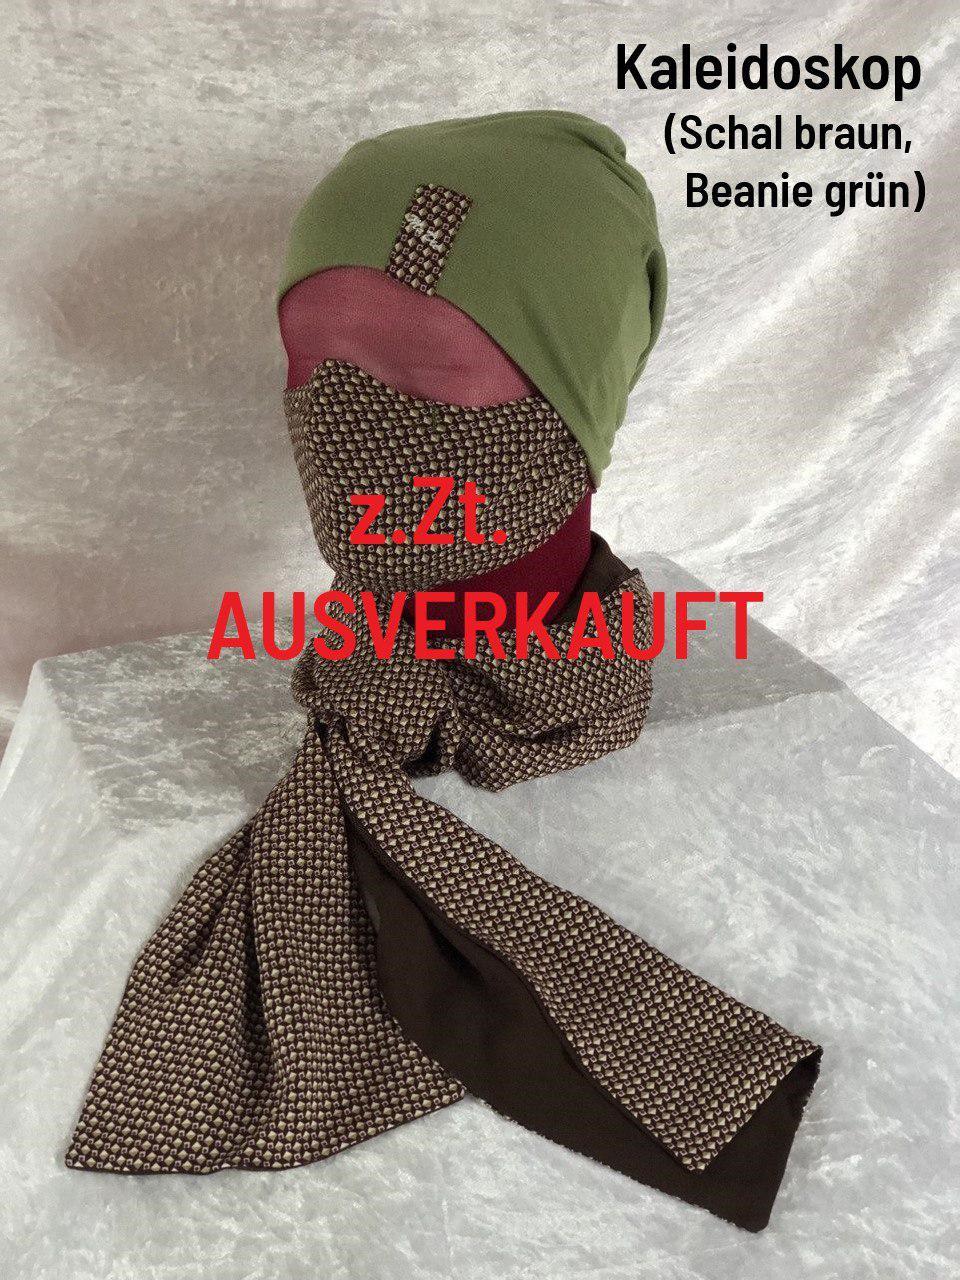 G - Maske + Schal braun + Beanie grün